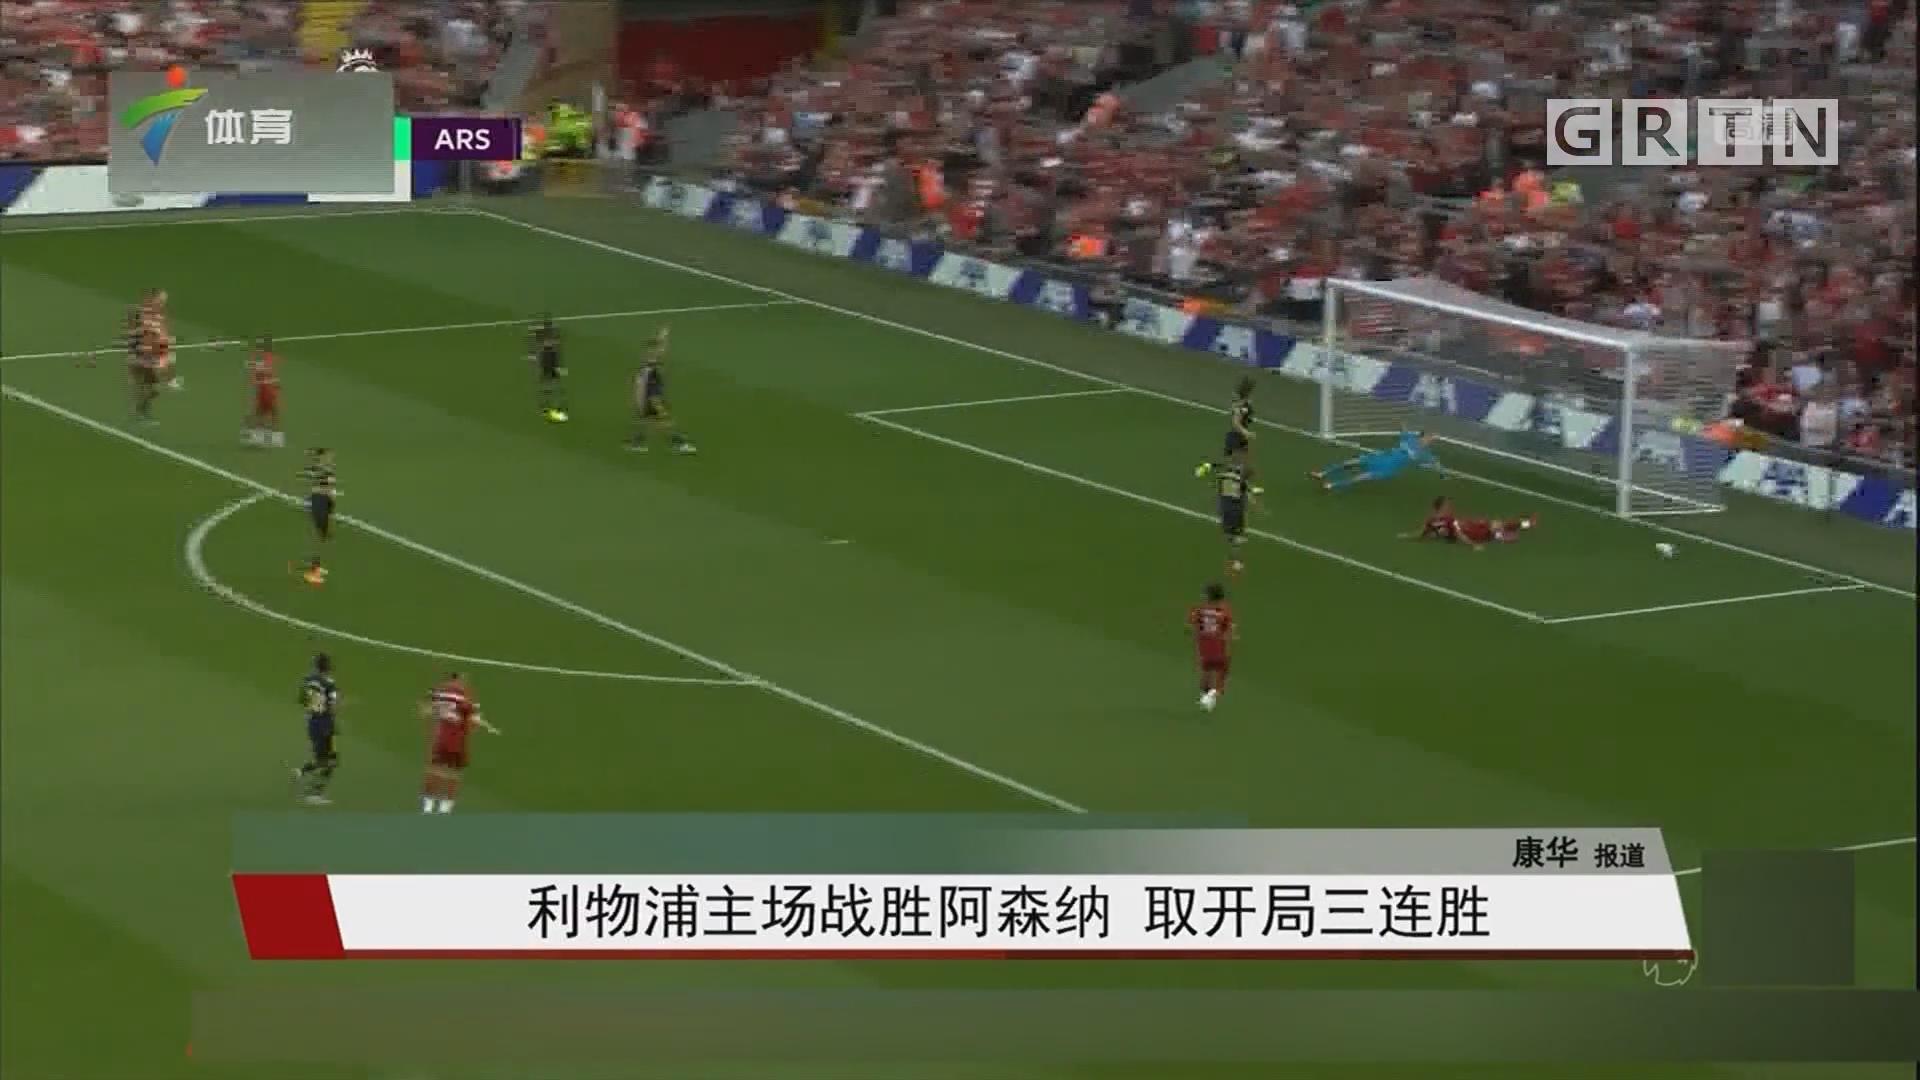 利物浦主场战胜阿森纳 取开局三连胜